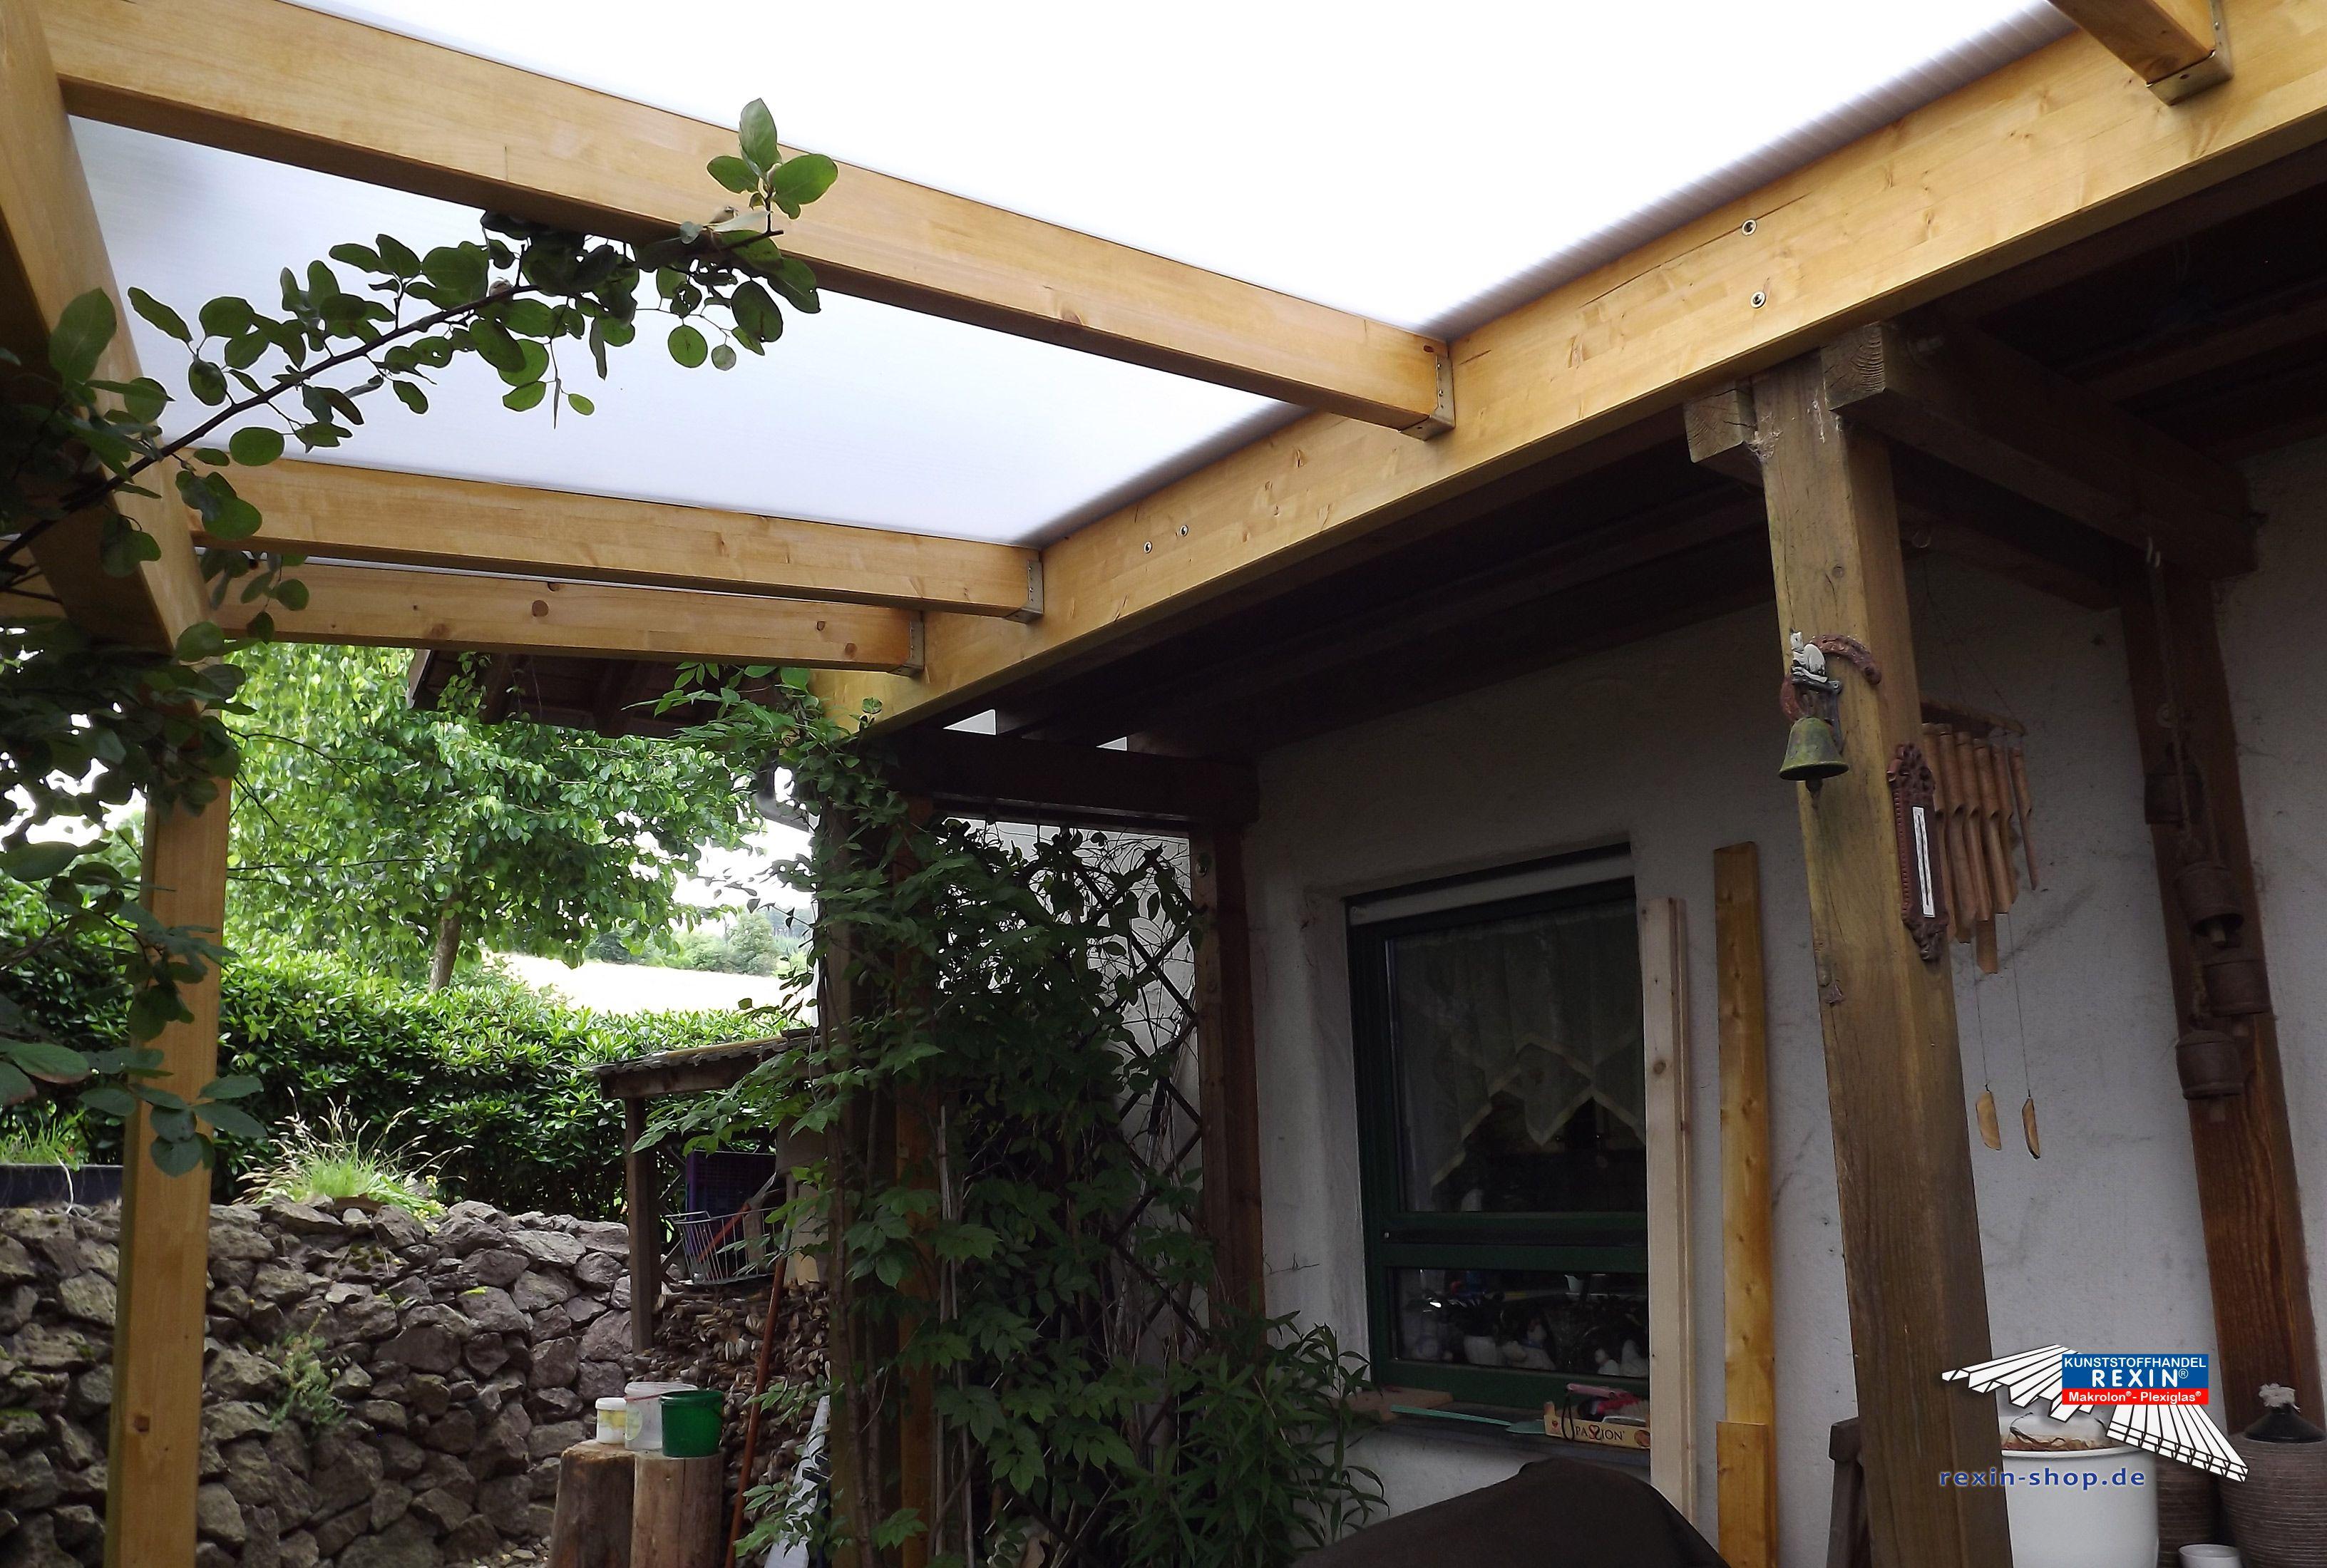 Ein Holz Terrassendach der Marke REXO plete 5m x 2 5m mit